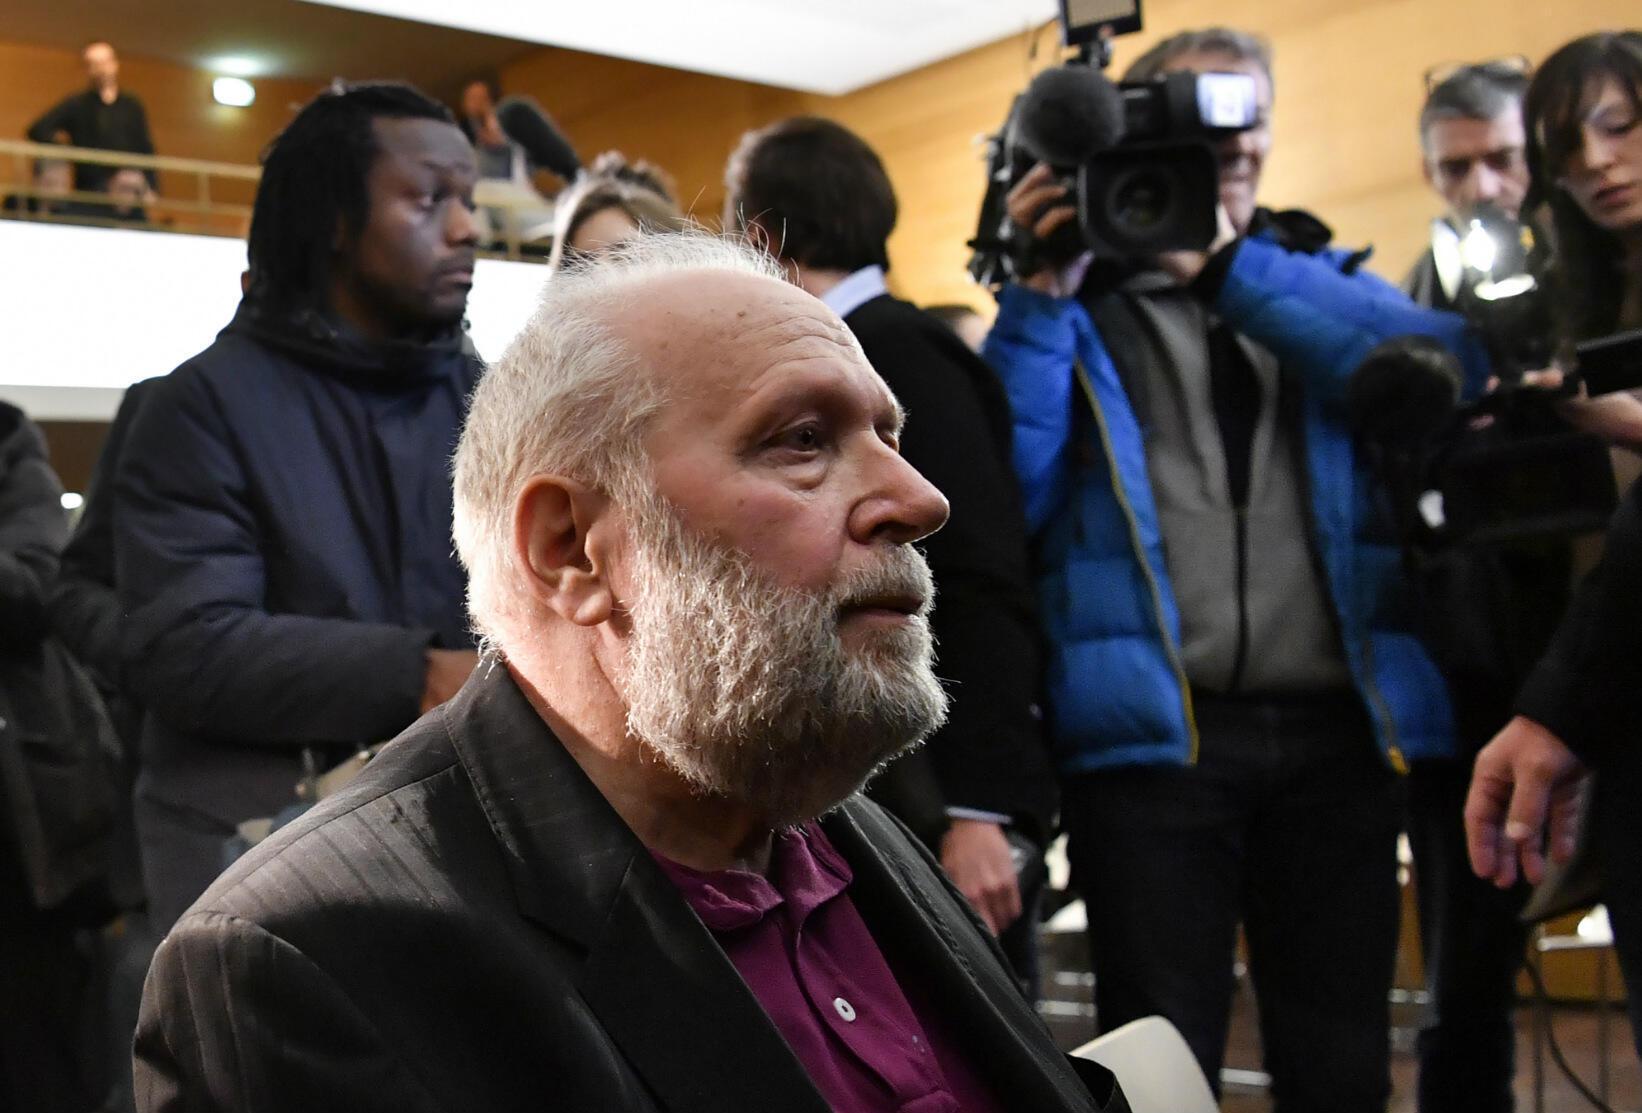 El exsacerdote de Lyon Bernard Preynat, condenado en marzo de 2020 a cinco años de prisión por agresiones sexuales a menores. En la imagen, al comienzo del juicio en enero de 2020 en el Palacio de Justicia de Lyon, Francia.